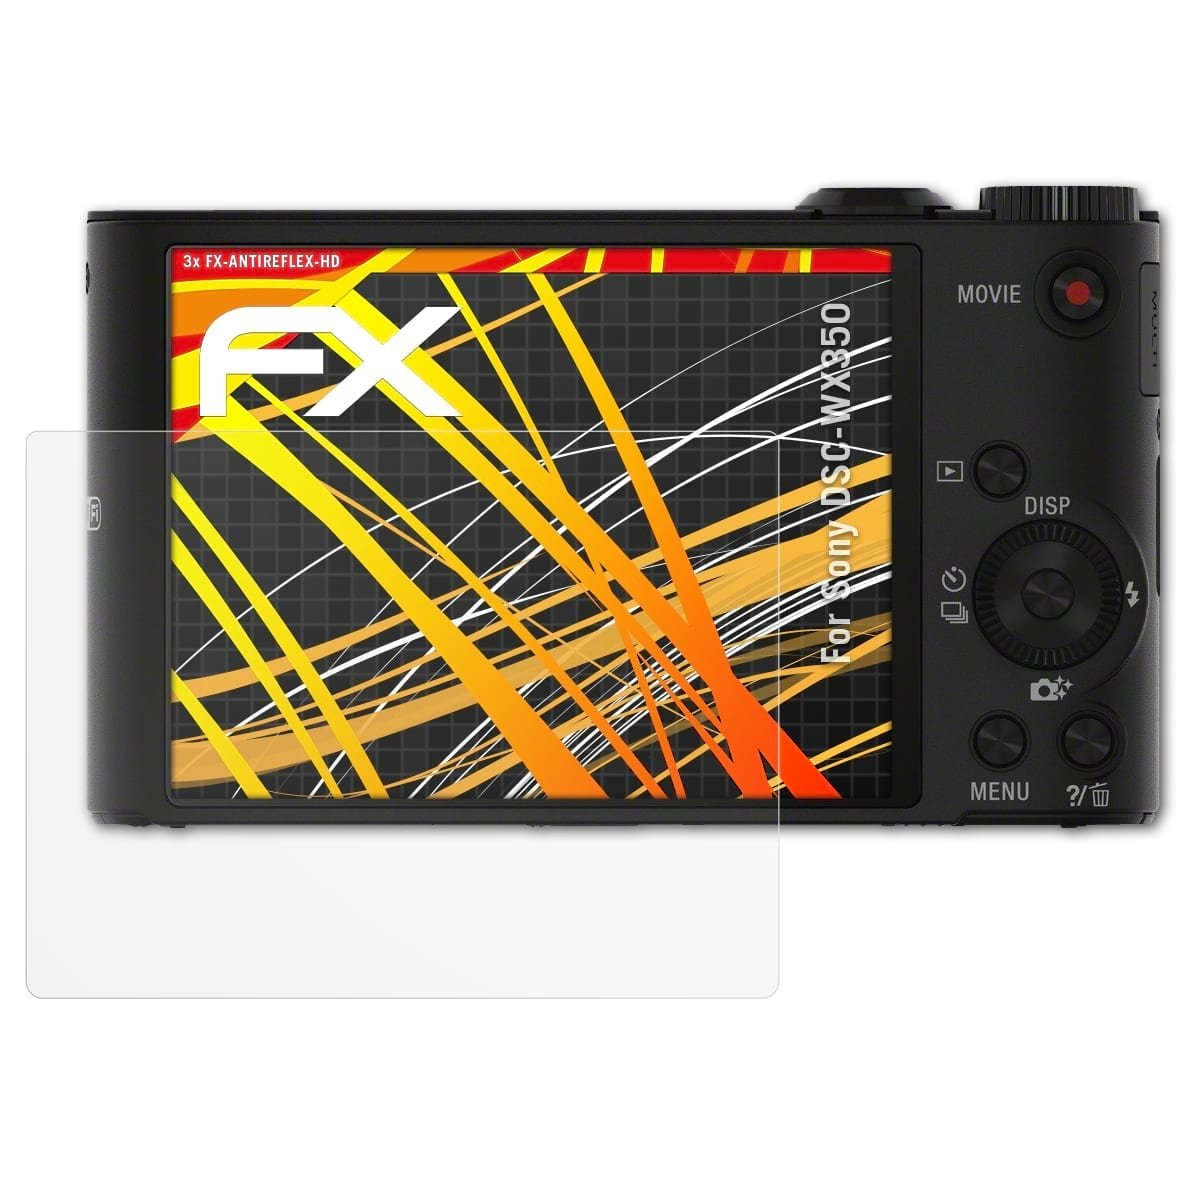 Rivestimento antiriflesso HD FX Protettore Schermo atFoliX Pellicola Proteggi compatibile con Sony DSC-WX350 Protezione Pellicola dello Schermo 3X